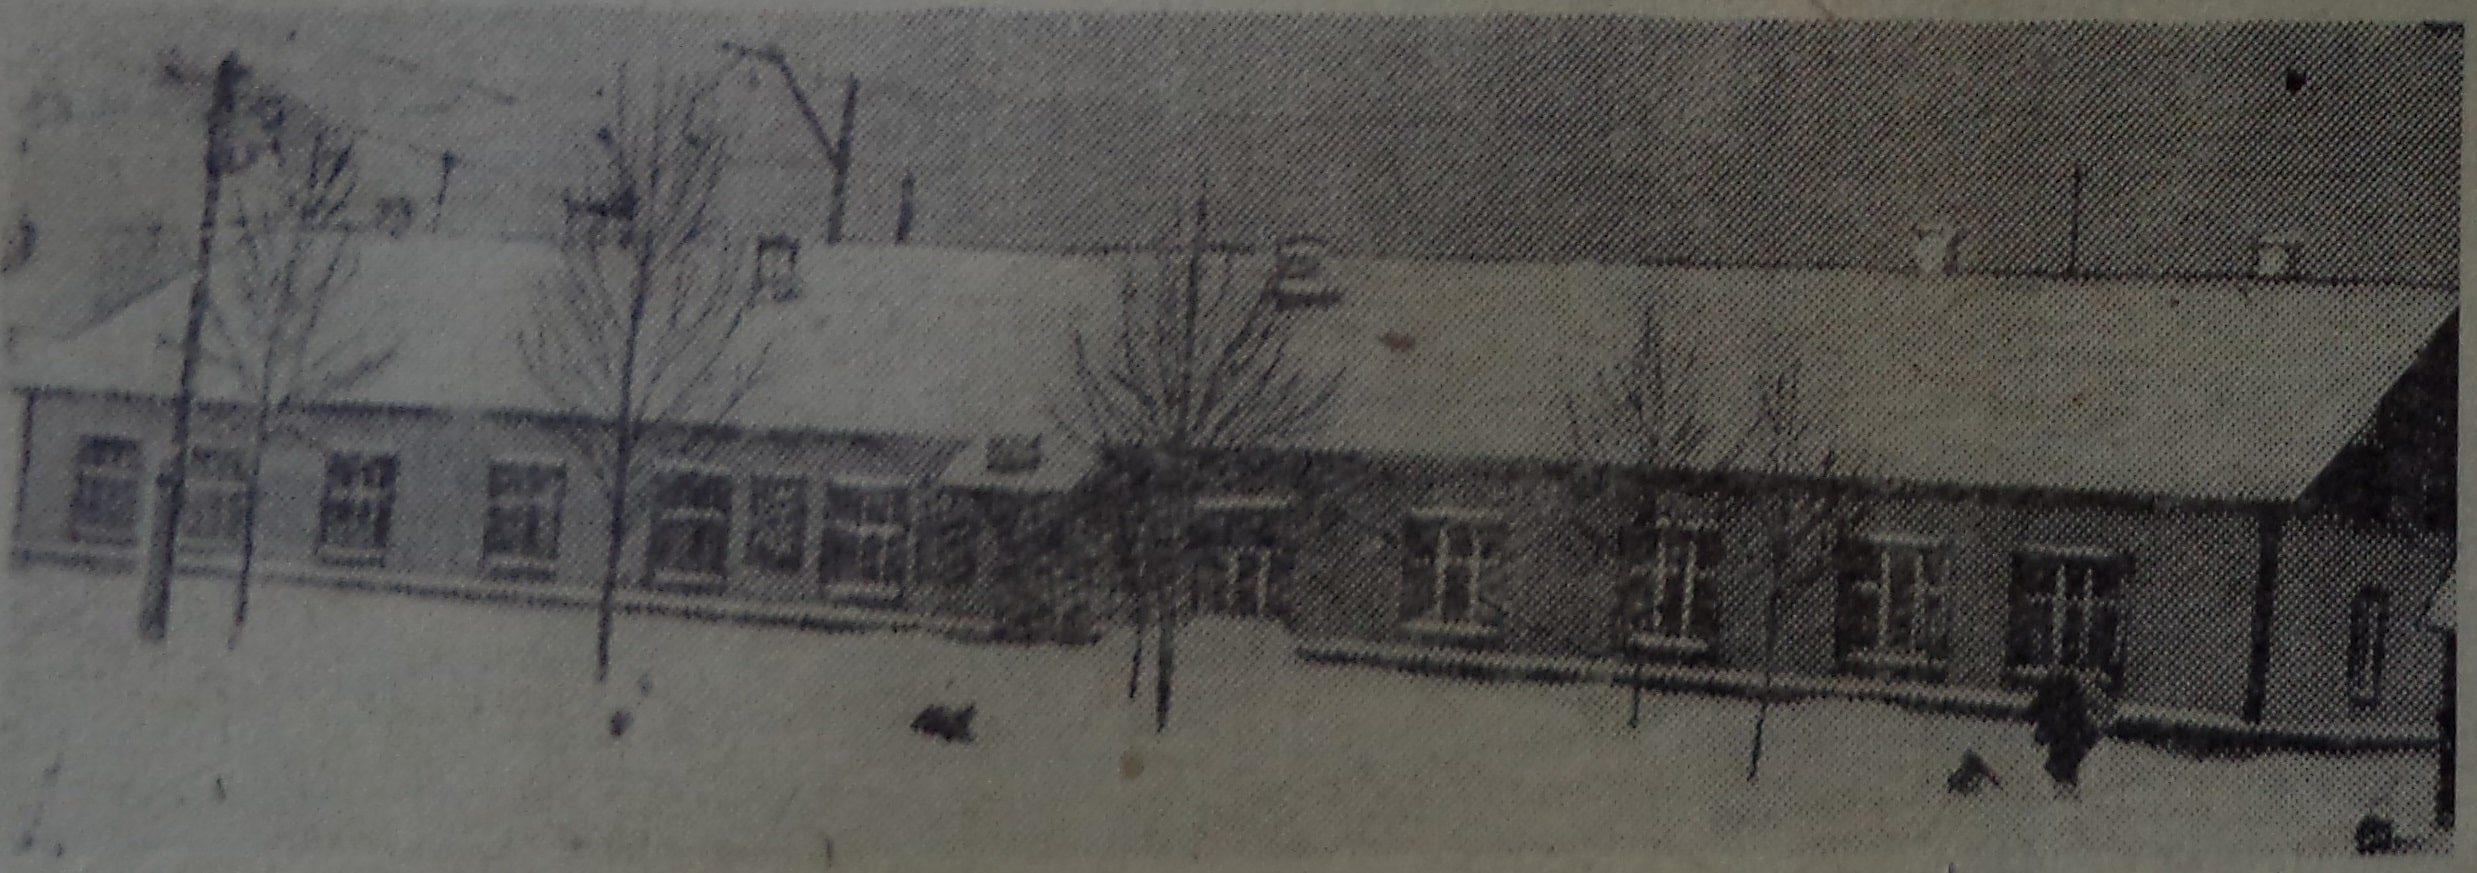 Стар-Стац-ФОТО-29-За ударные темпы-1969-8 января-фото-min